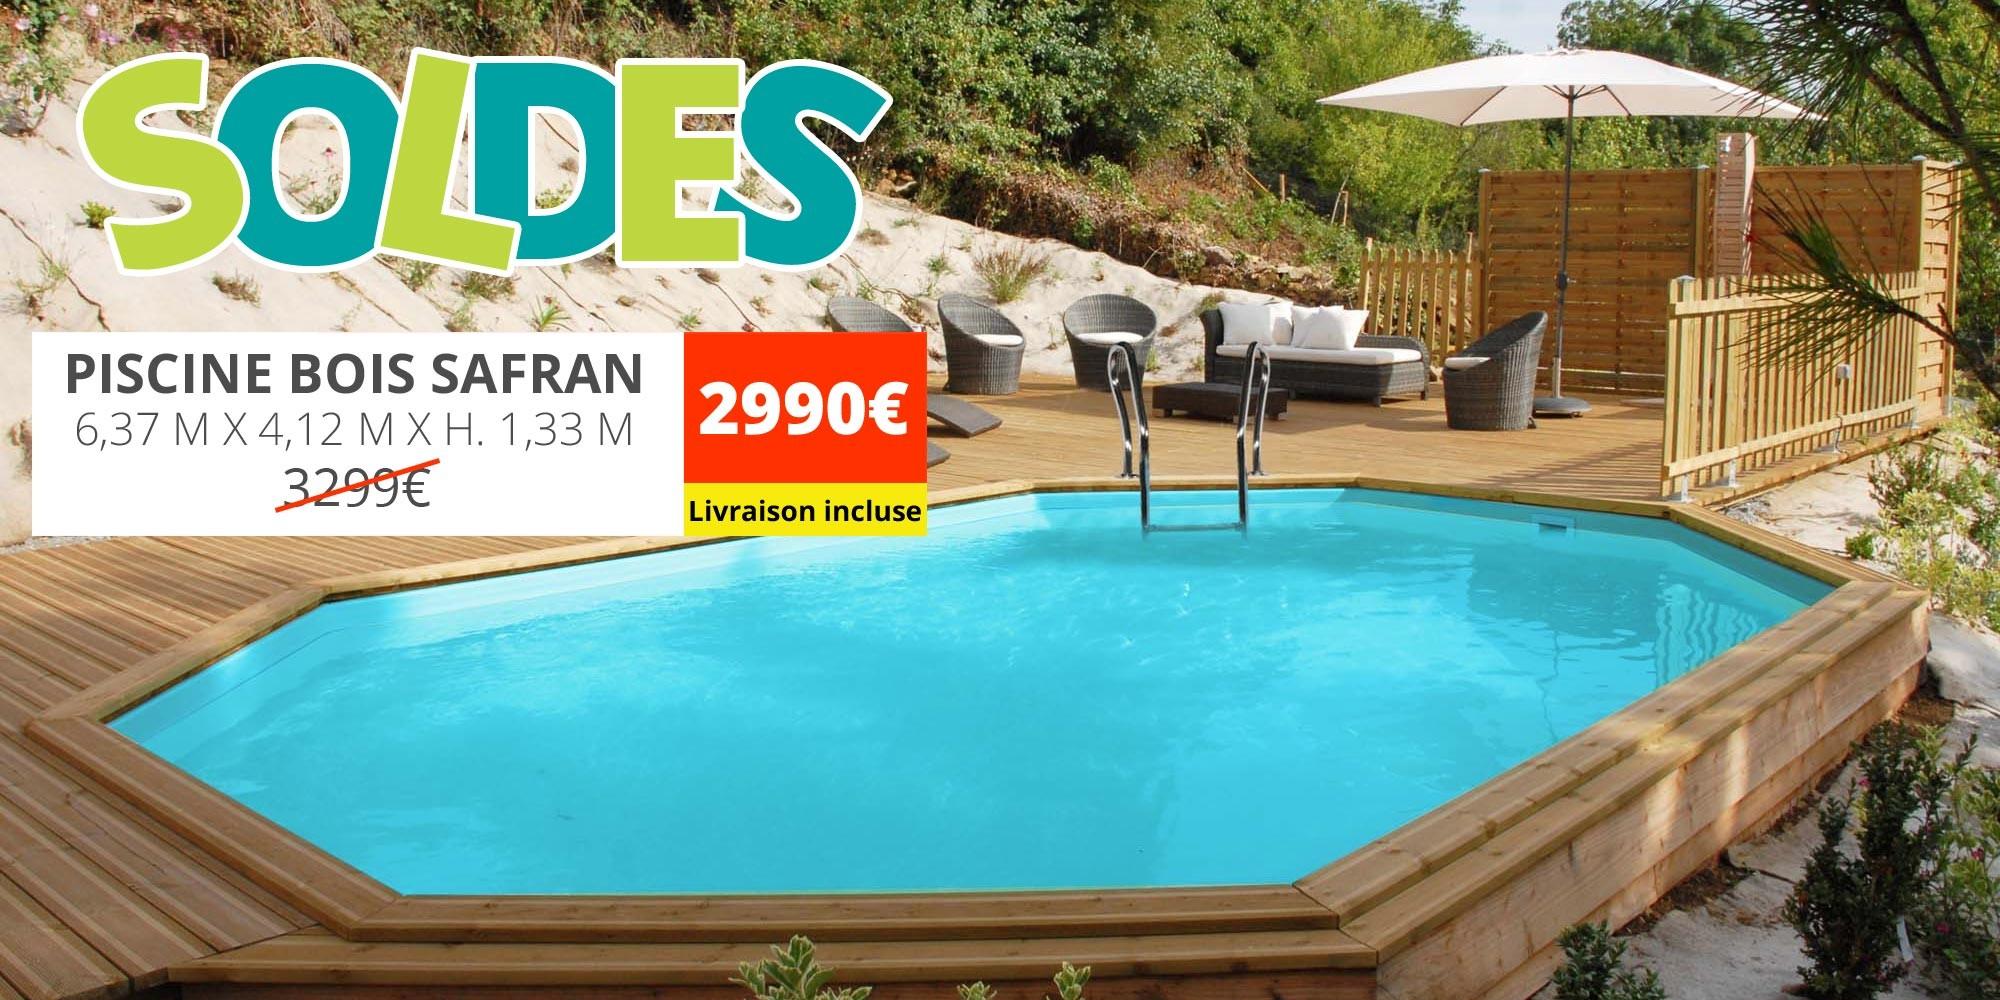 Solde piscine bois safran